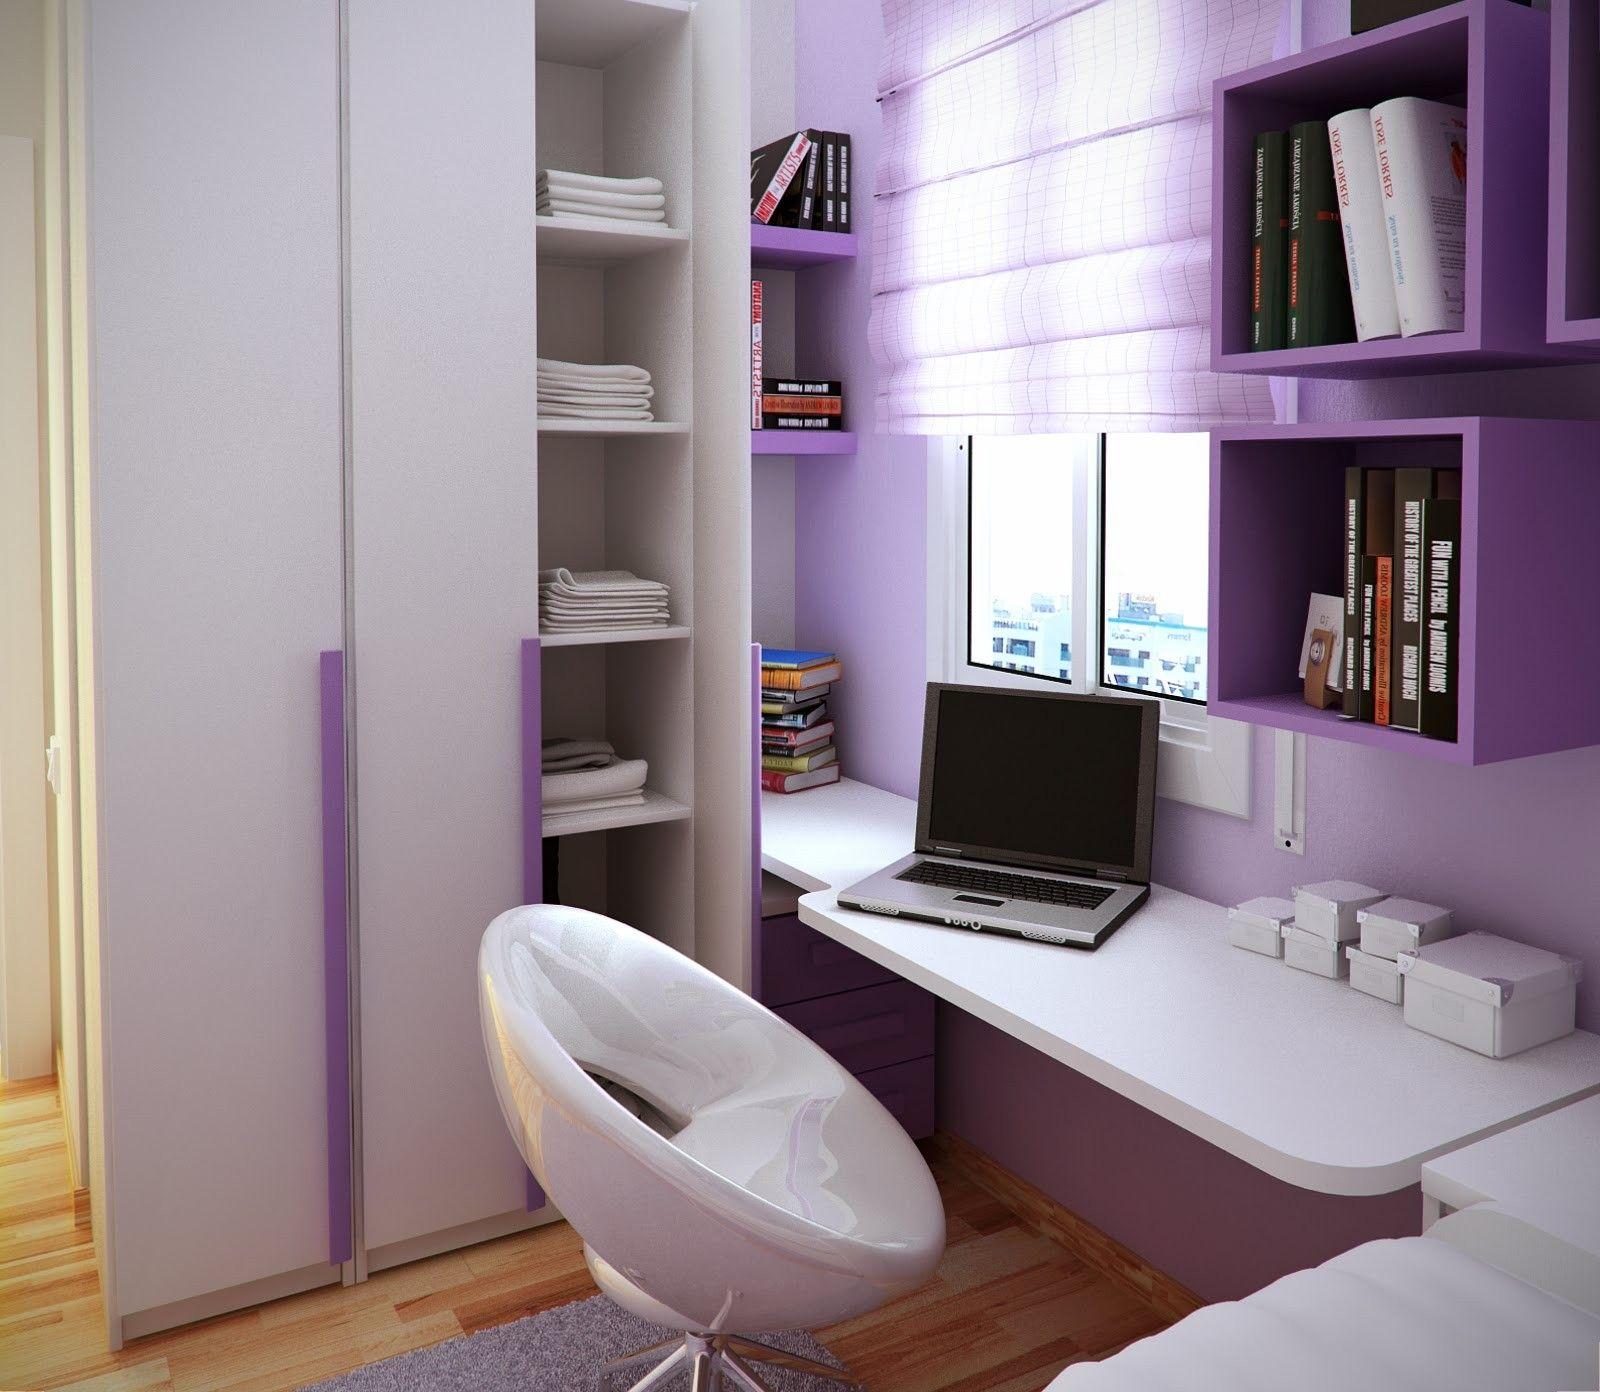 10 tipps f r kleine schlafzimmer innenarchitektur saubere gem tliche atmosph re wei. Black Bedroom Furniture Sets. Home Design Ideas